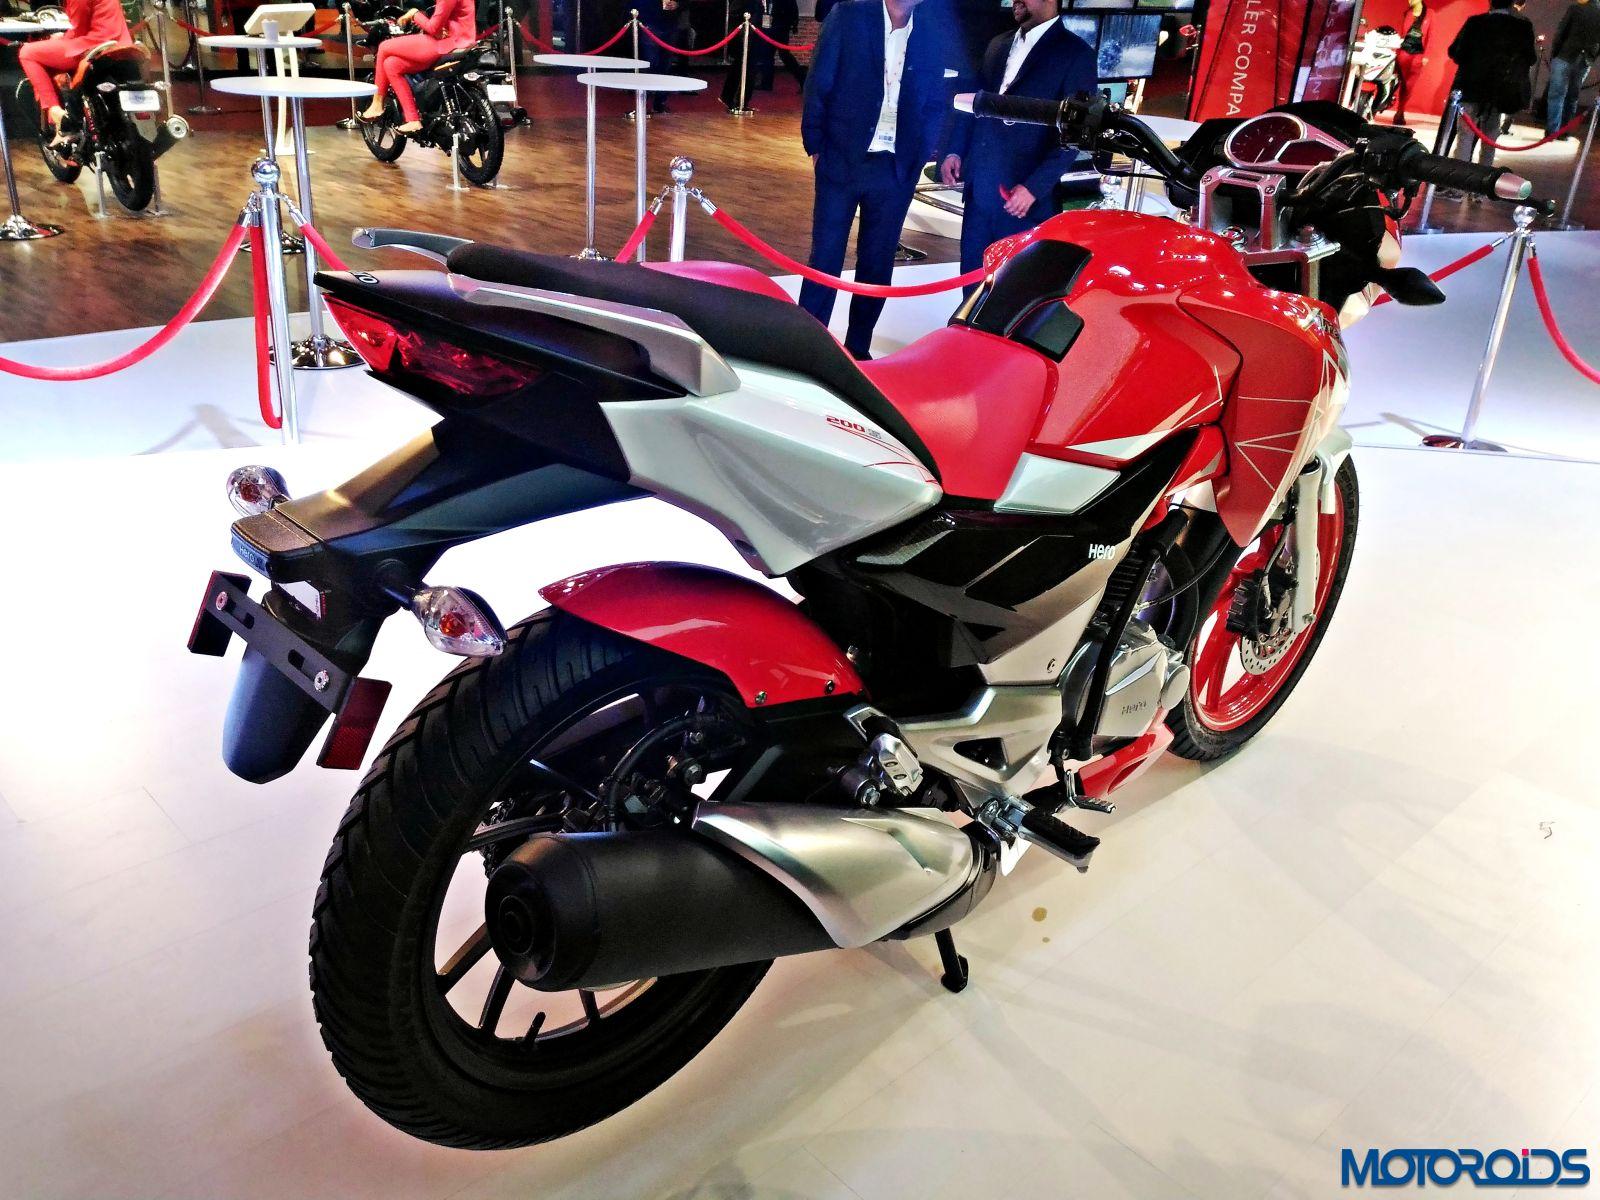 Hero Xtreme 200 S - Auto Expo 2016 (2)